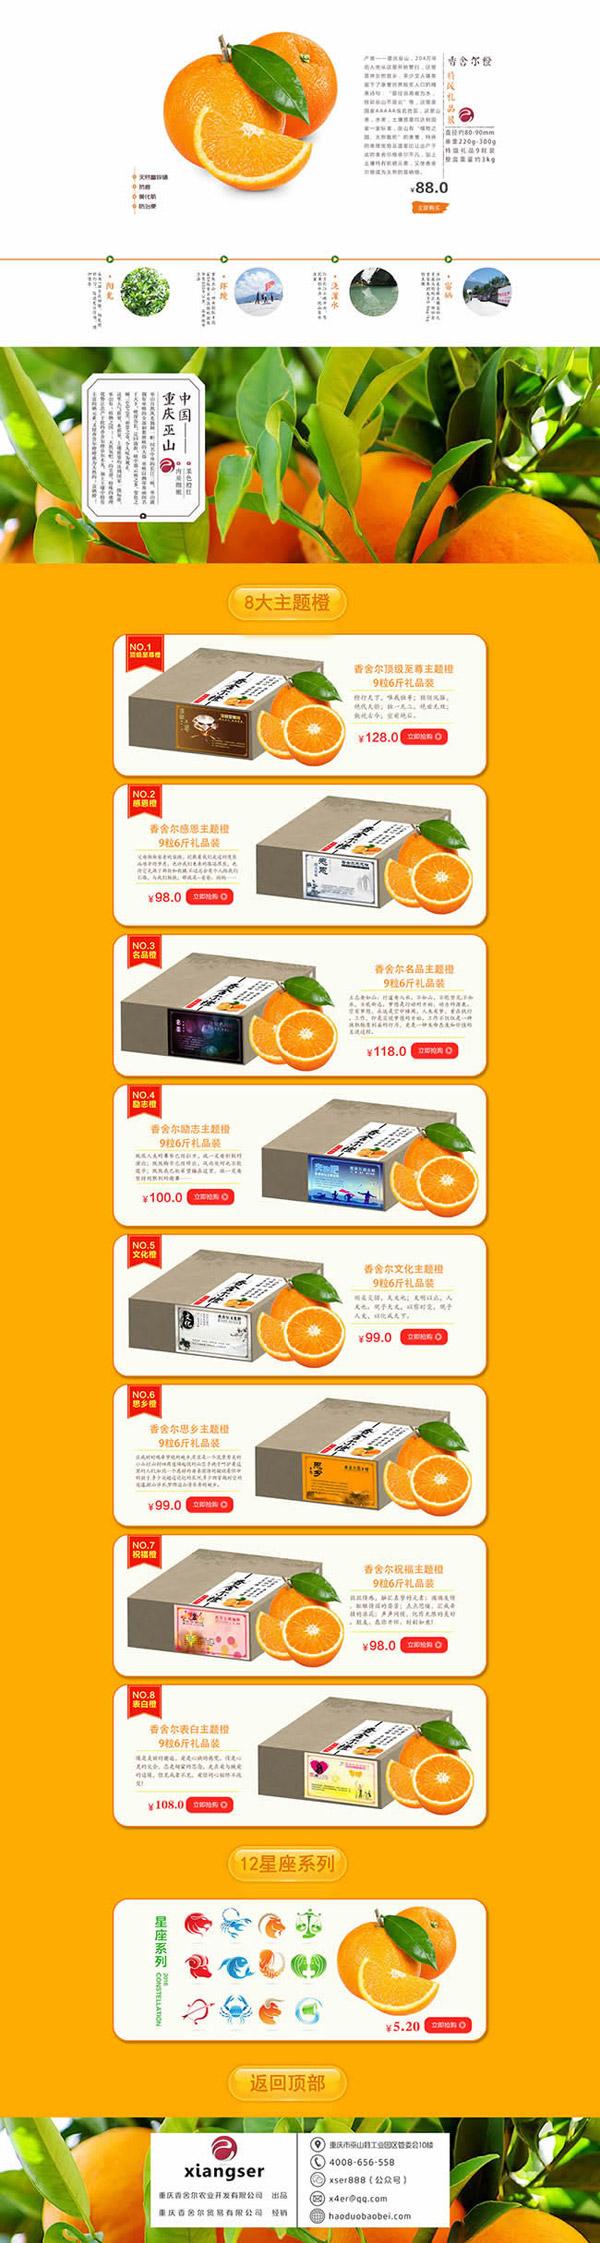 淘宝水果橙子店铺